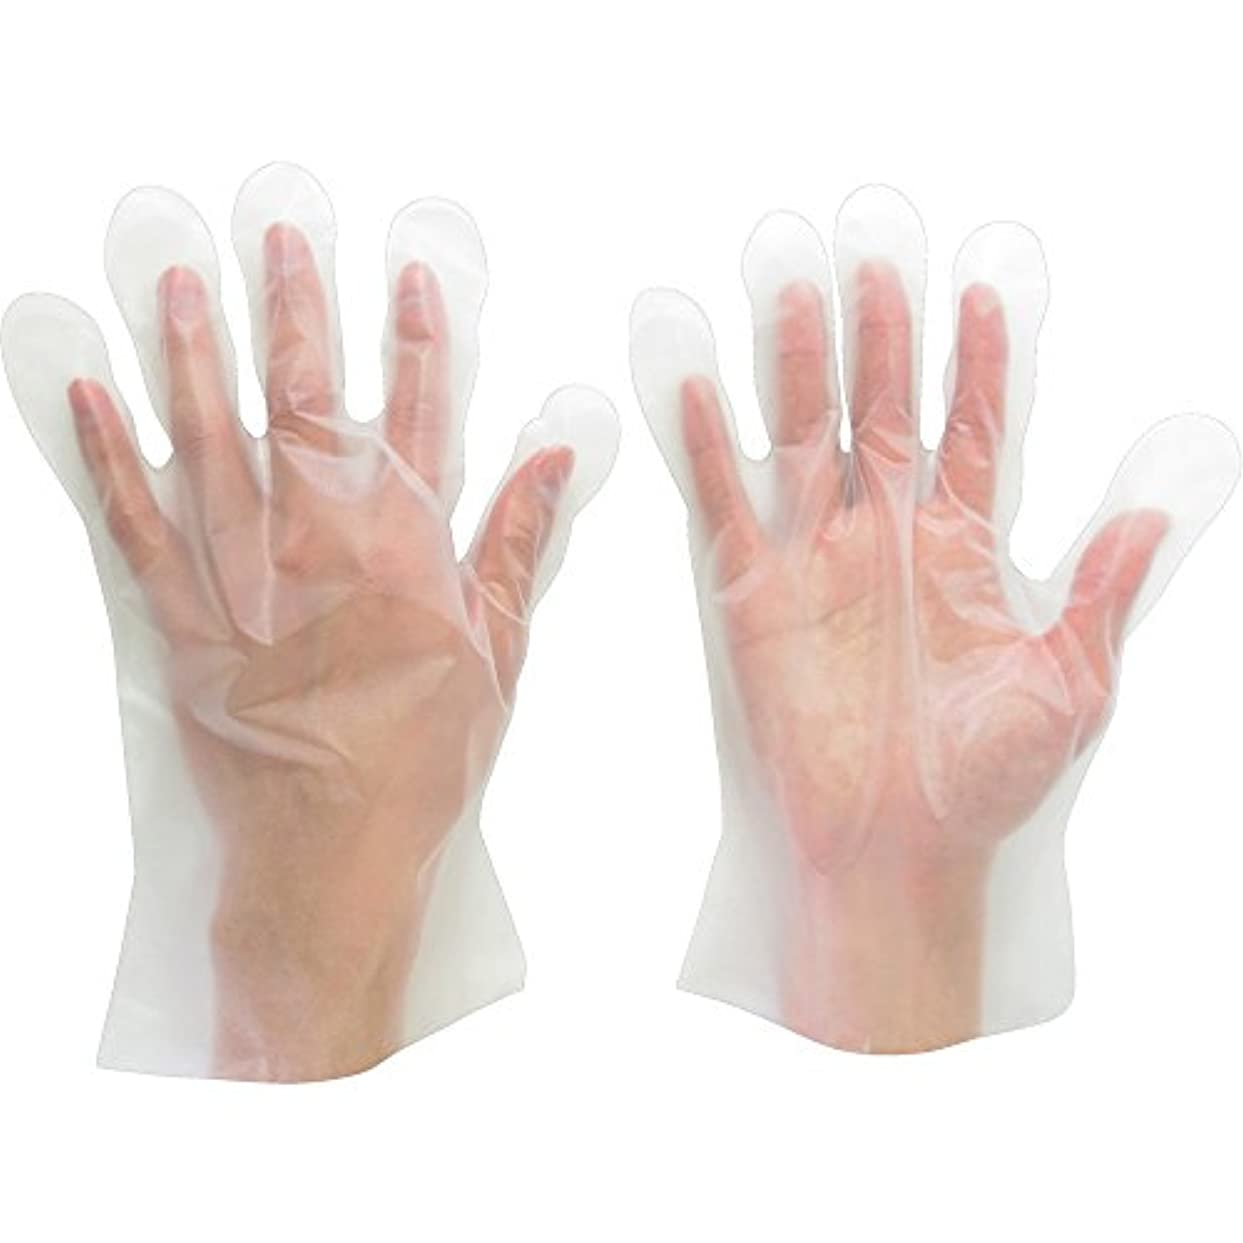 略奪納得させるキャンセルミドリ安全 ポリエチレンディスポ手袋 ベルテ573 100枚 袋入 SS VERTE-573-SS ポリエチレン使い捨て手袋